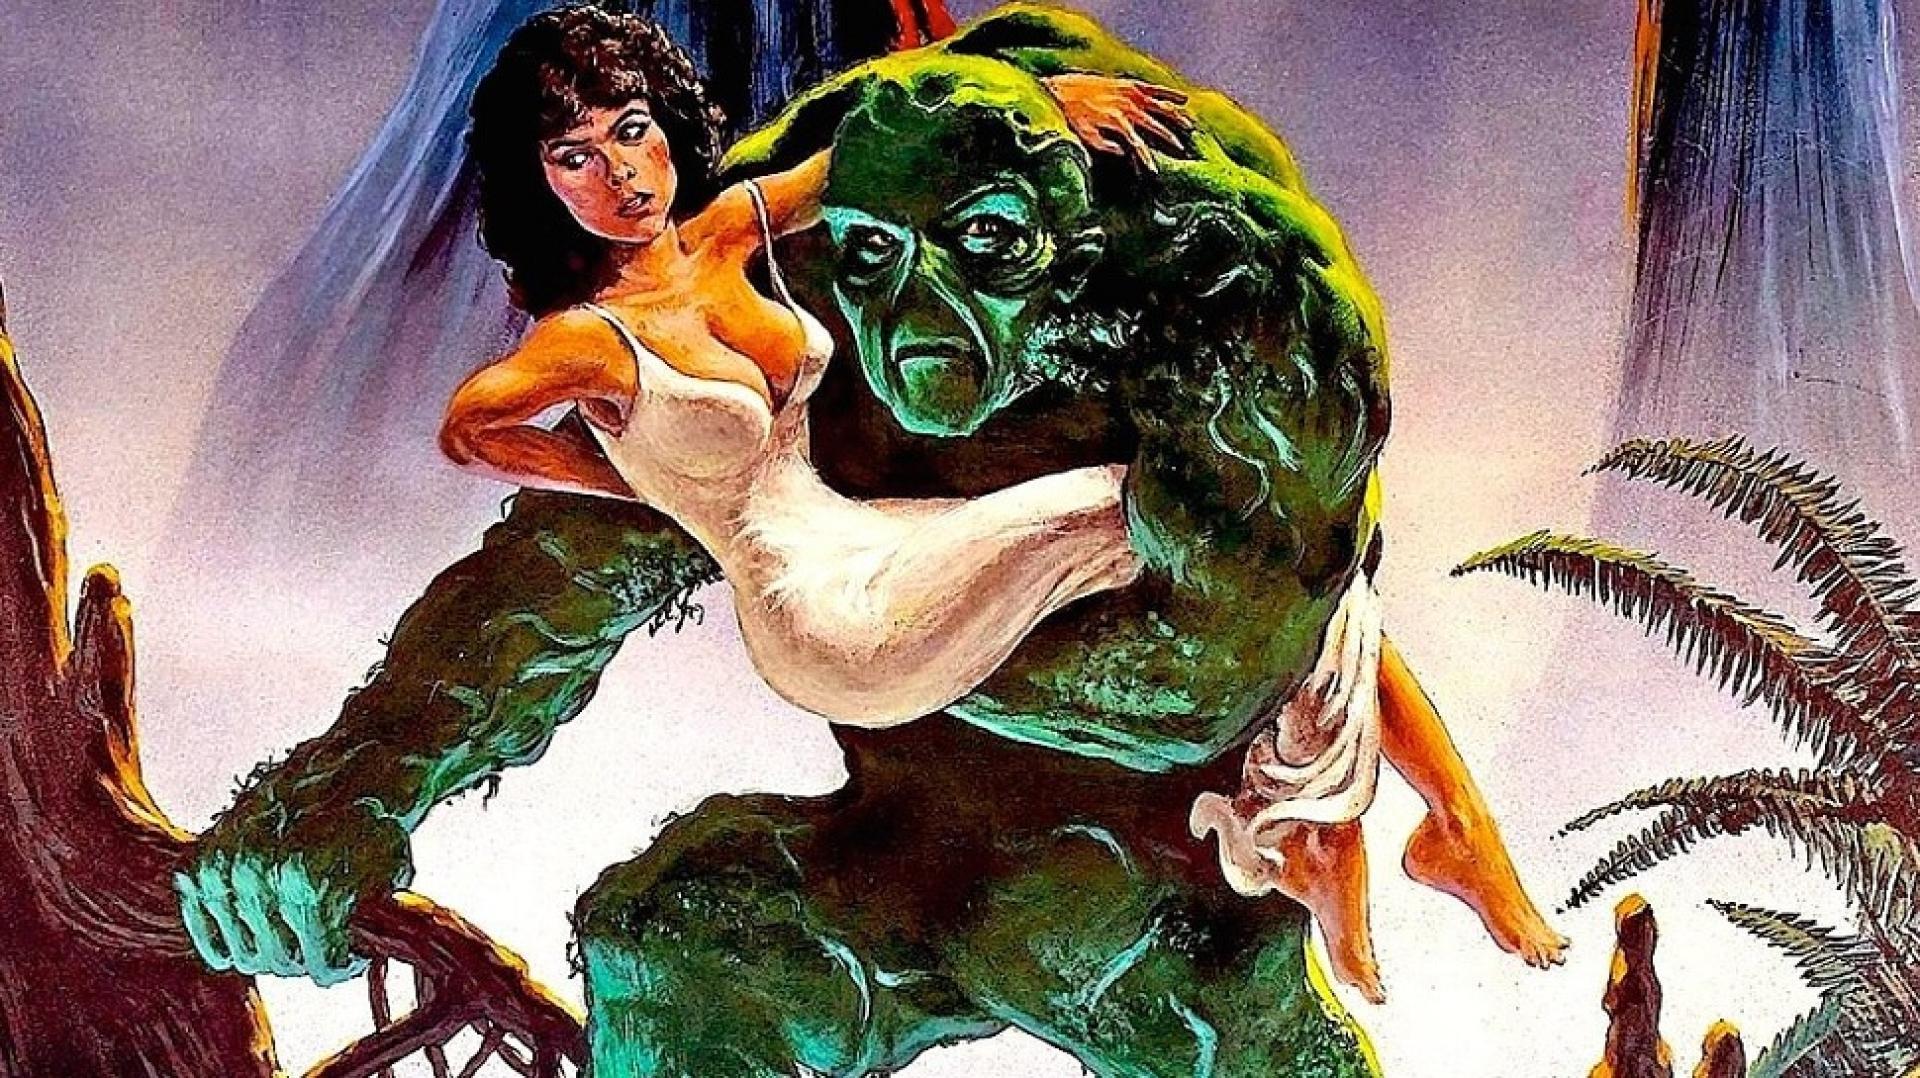 Swamp Thing - Mocsárlény (1982)